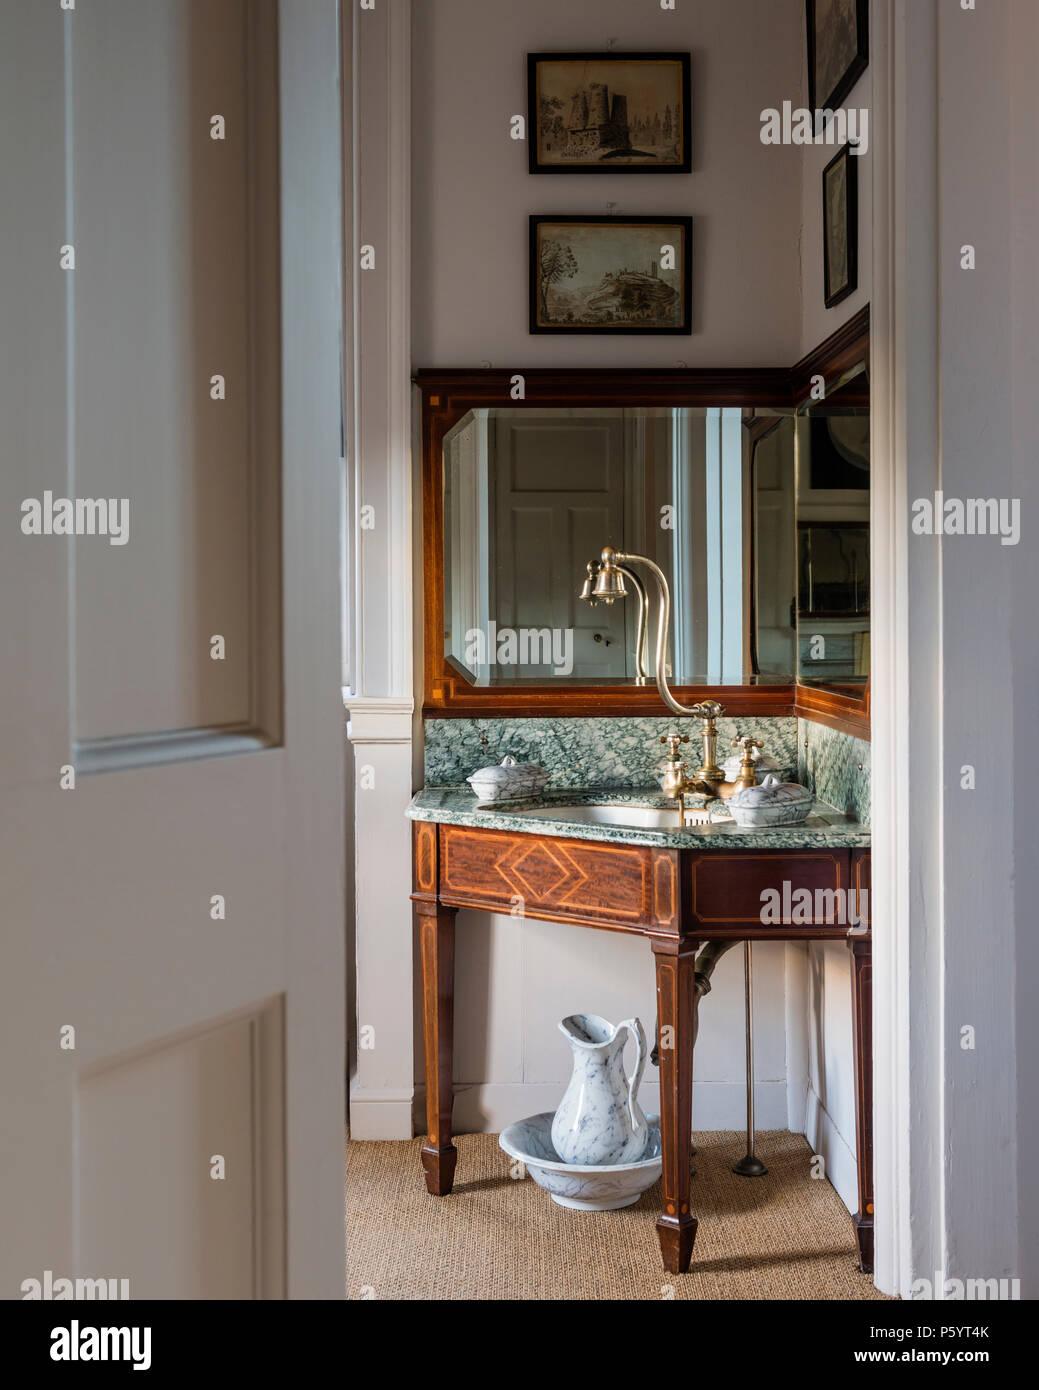 Antike Ecke Waschbecken im Badezimmer Stockfoto, Bild: 210209347 - Alamy